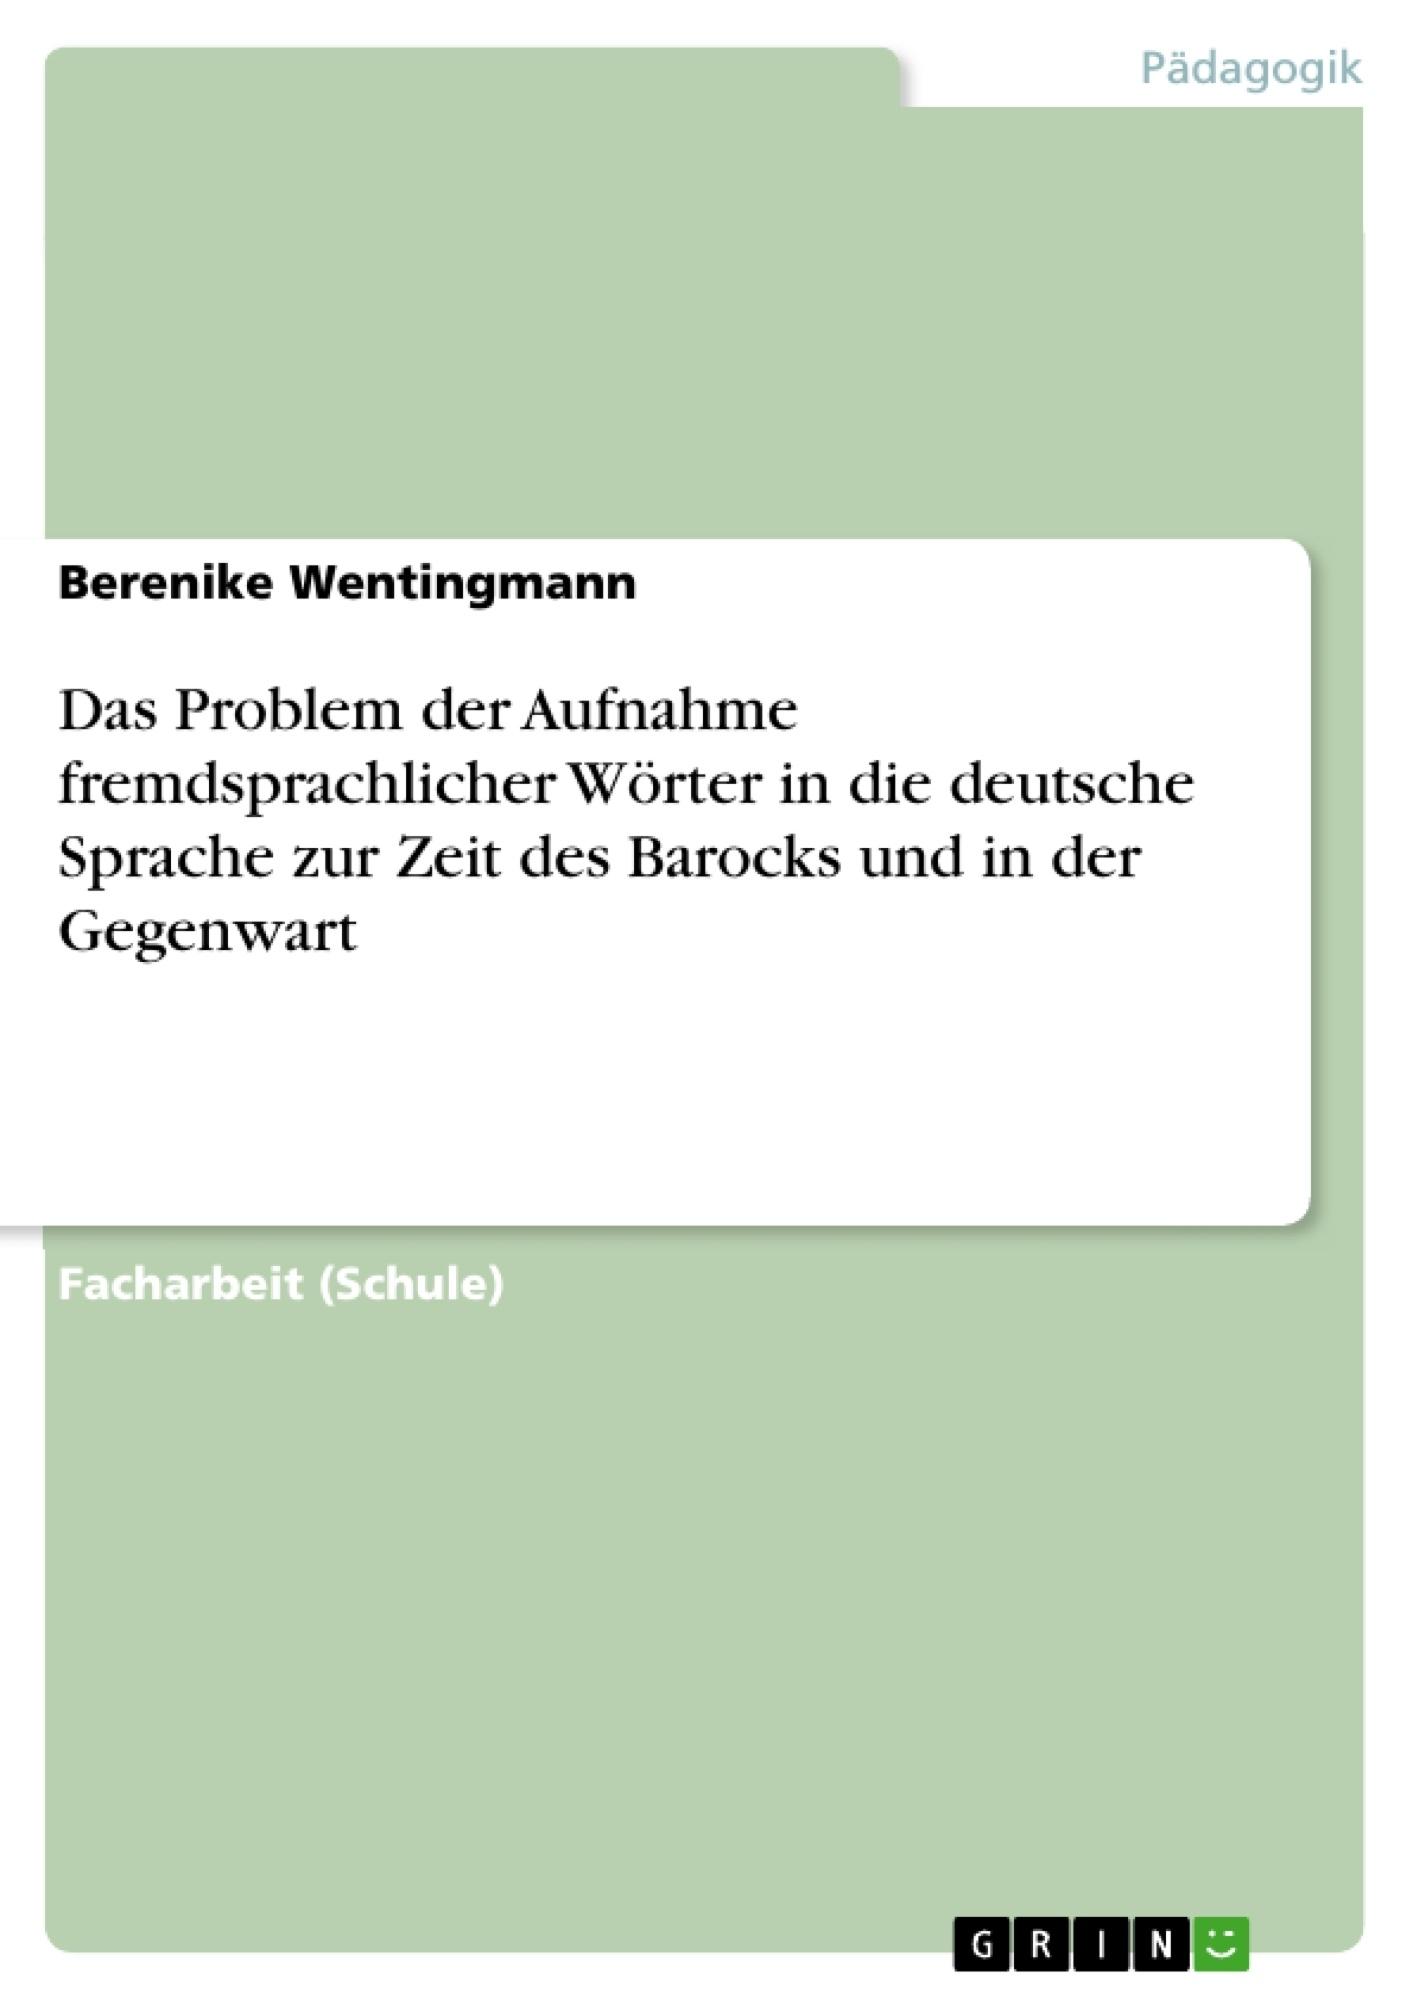 Titel: Das Problem der Aufnahme fremdsprachlicher Wörter in die deutsche Sprache zur Zeit des Barocks und in der Gegenwart